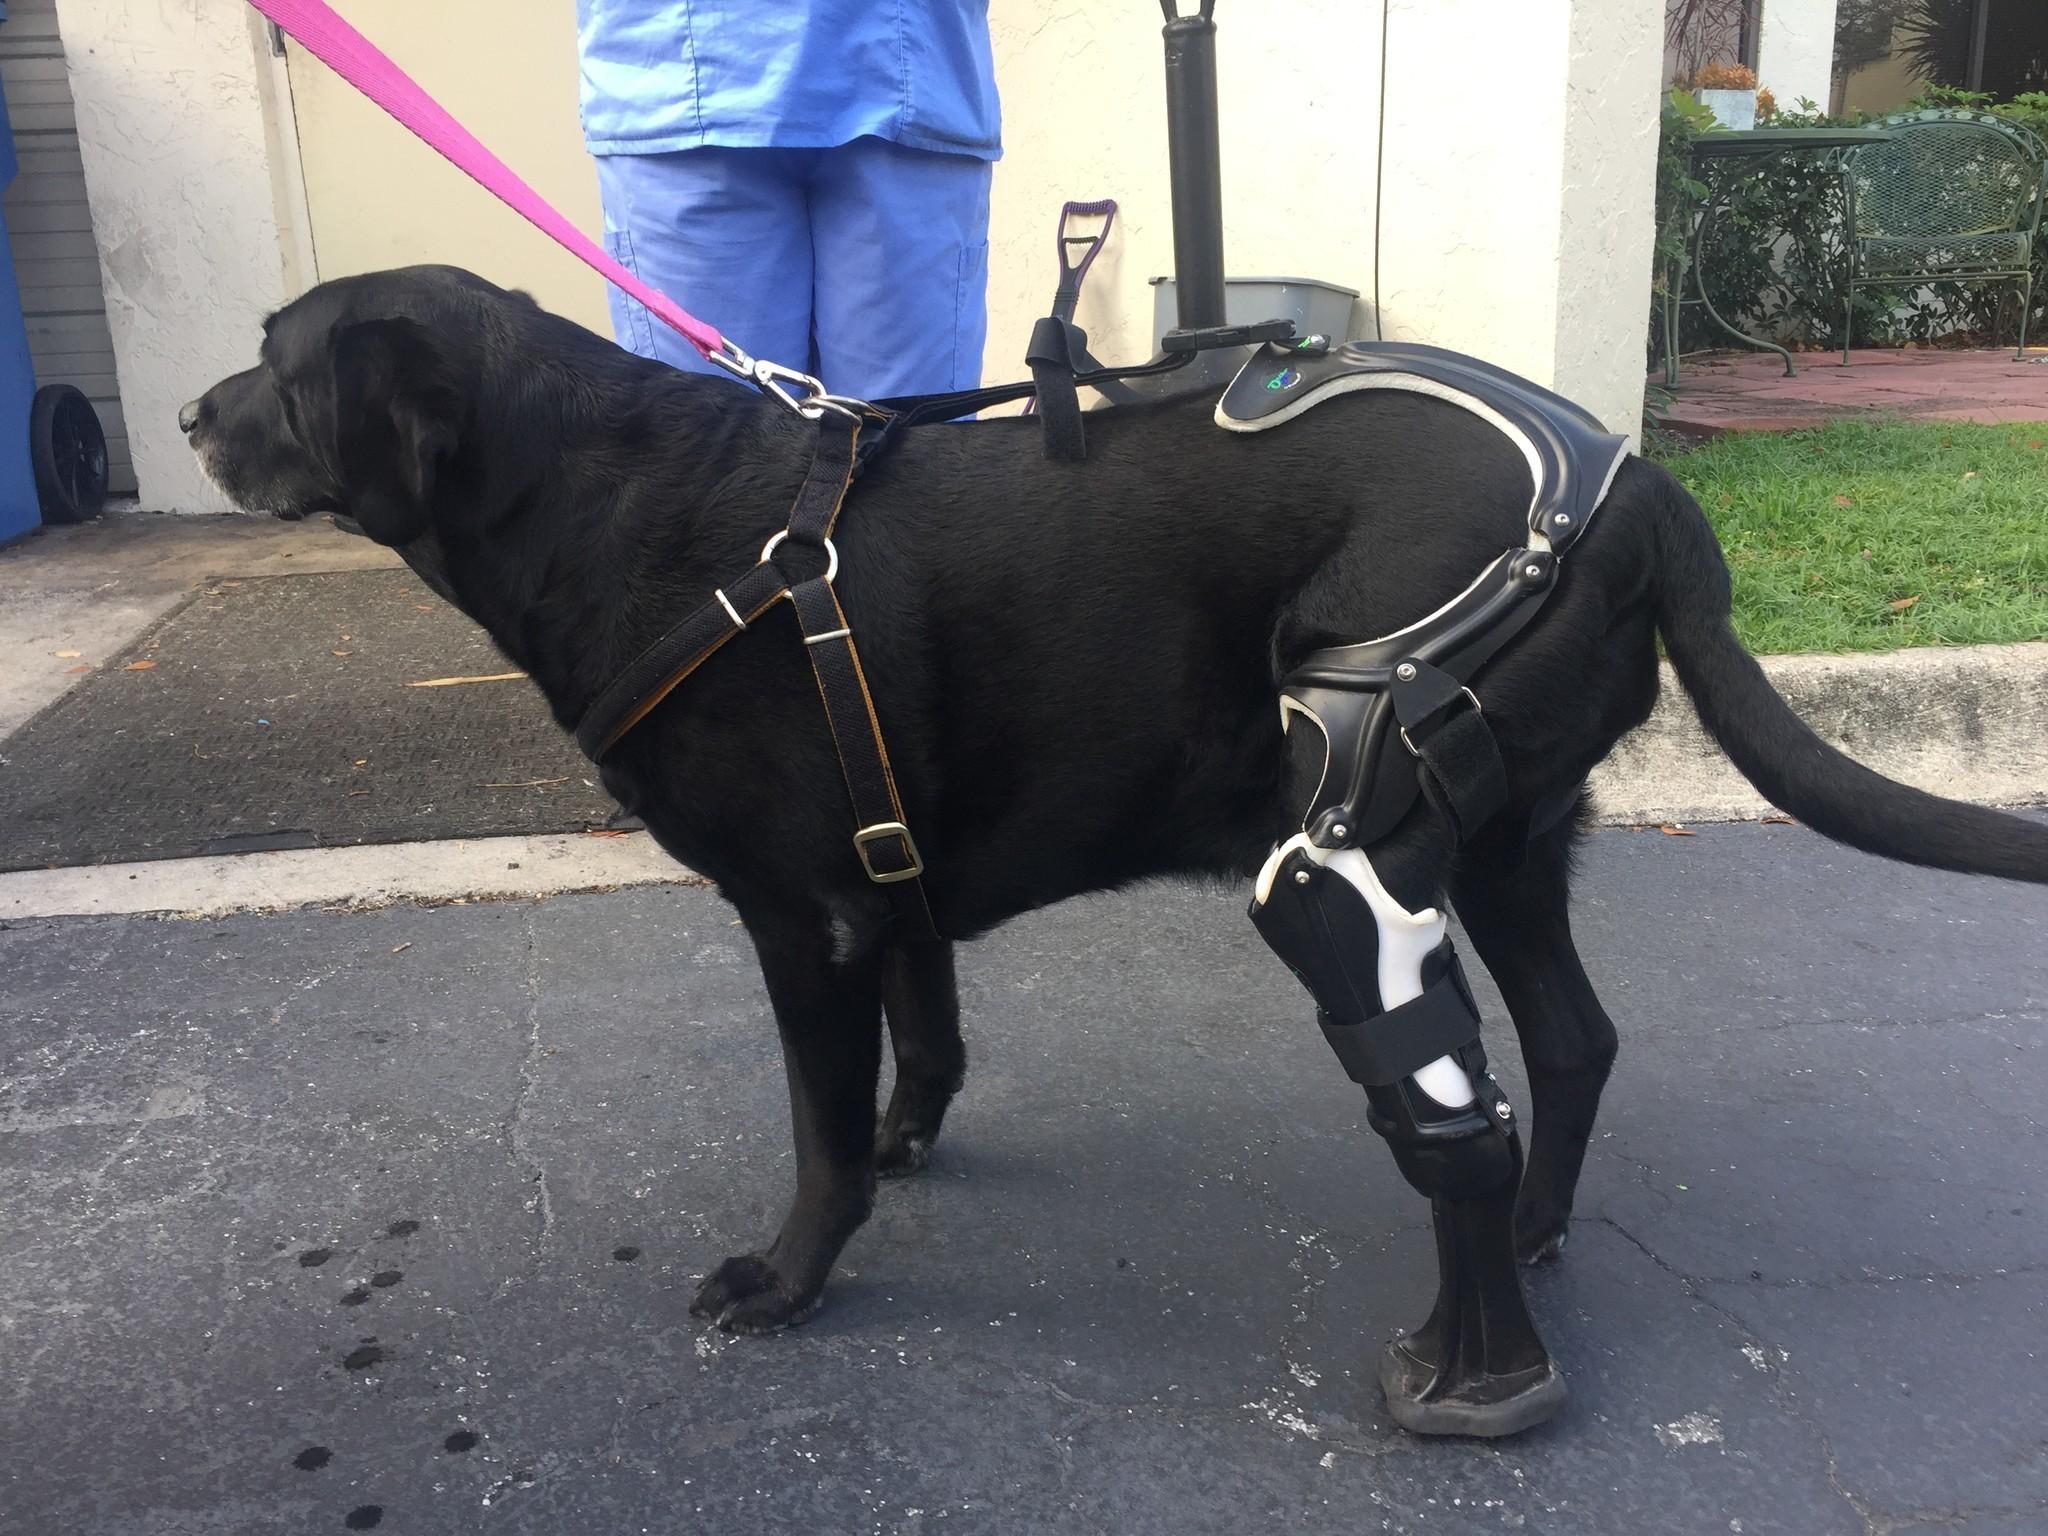 prosthetic leg gives injured dog new leash on life